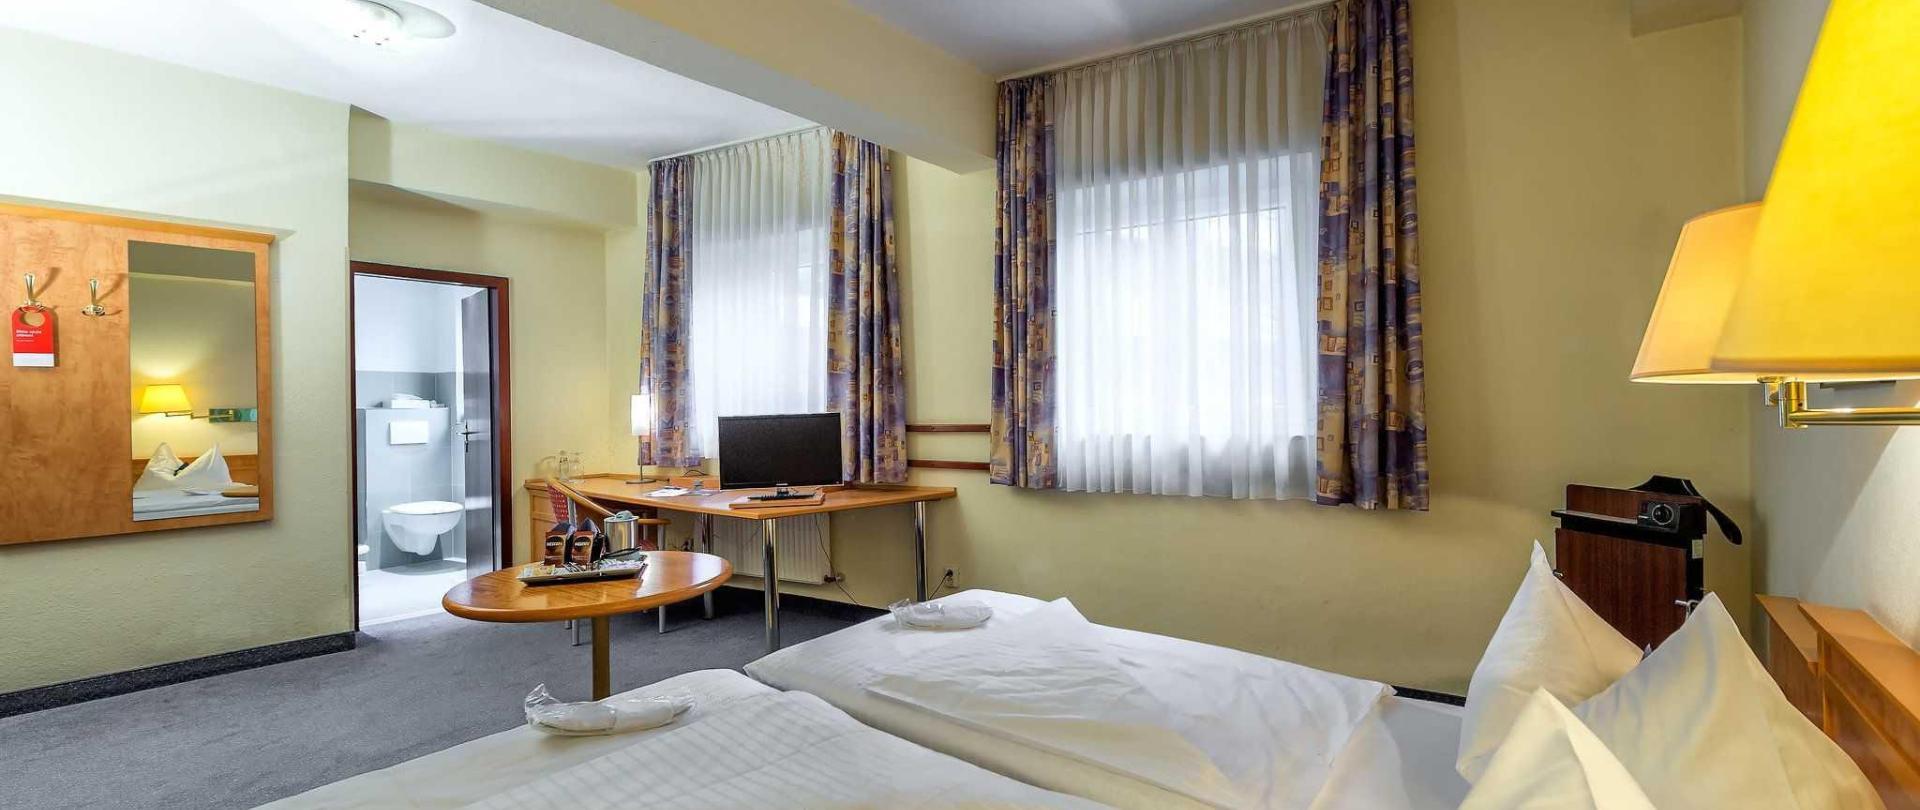 foto-kleines-stadt-hotel-1.jpg